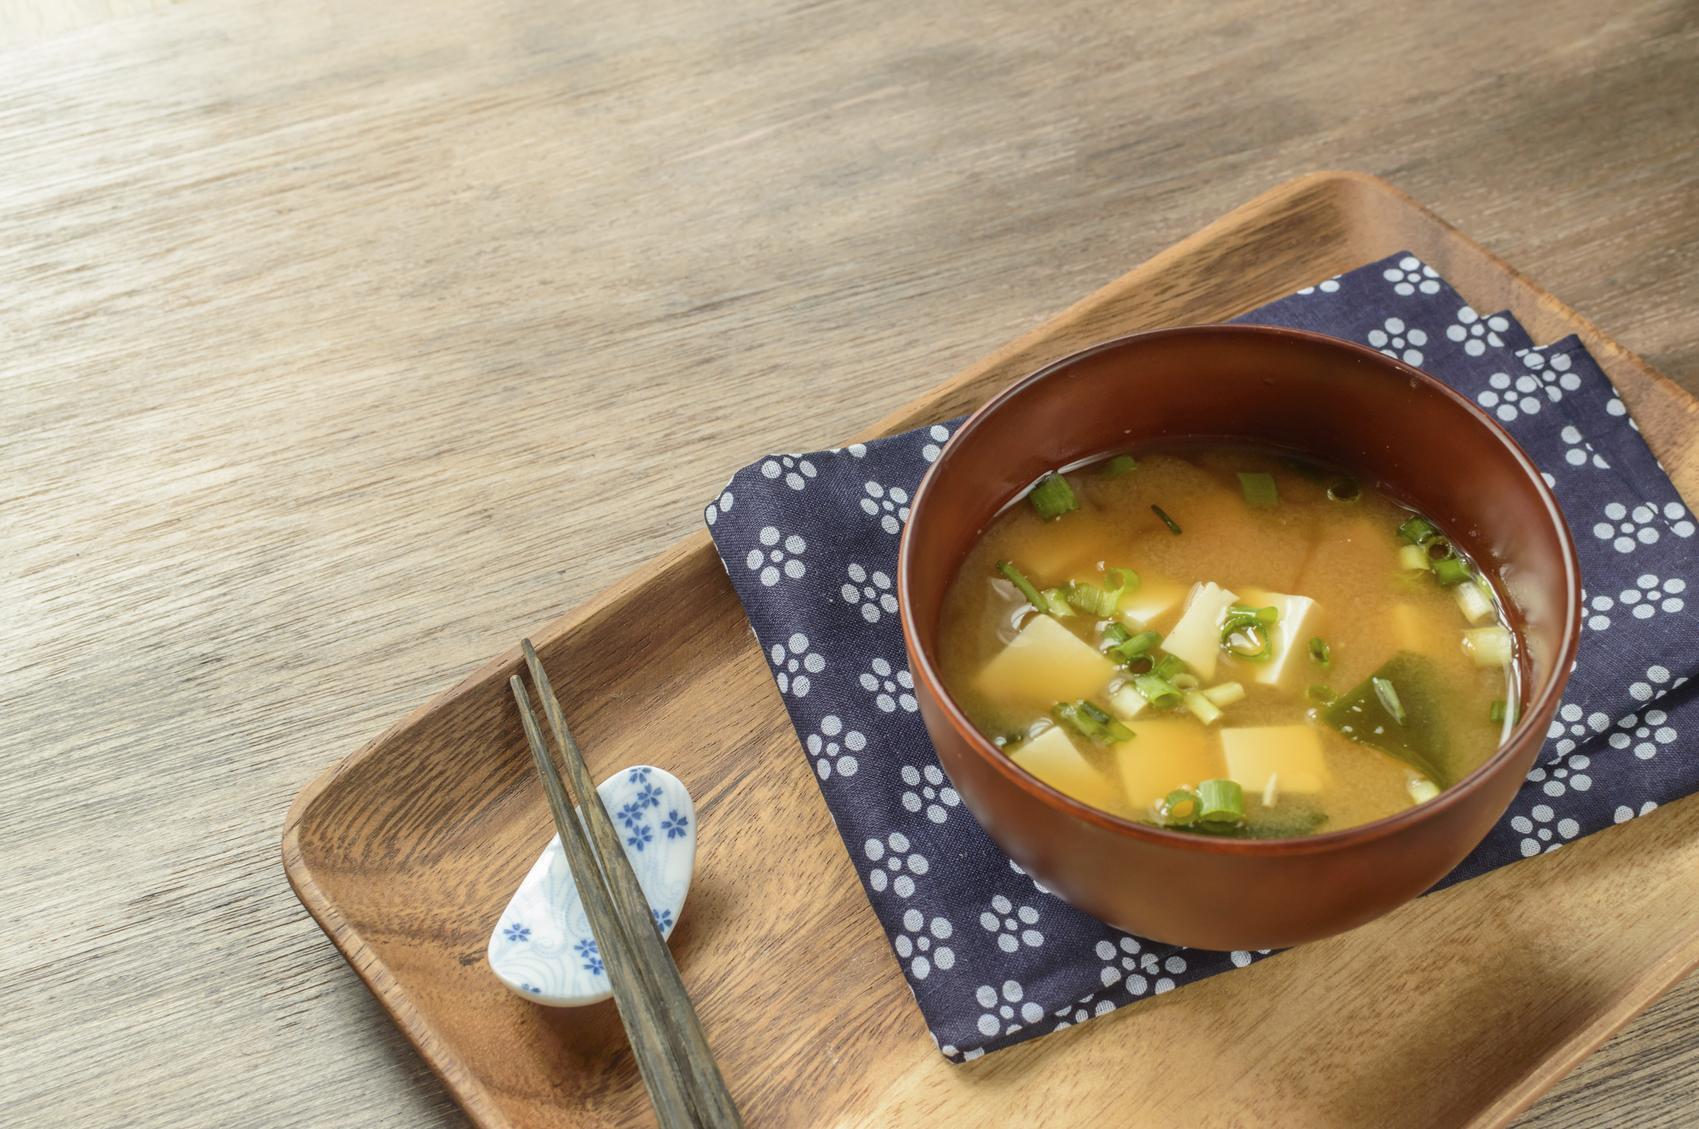 Les vertus insoup onn es de la soupe miso madame figaro - Soupe miso ingredient ...